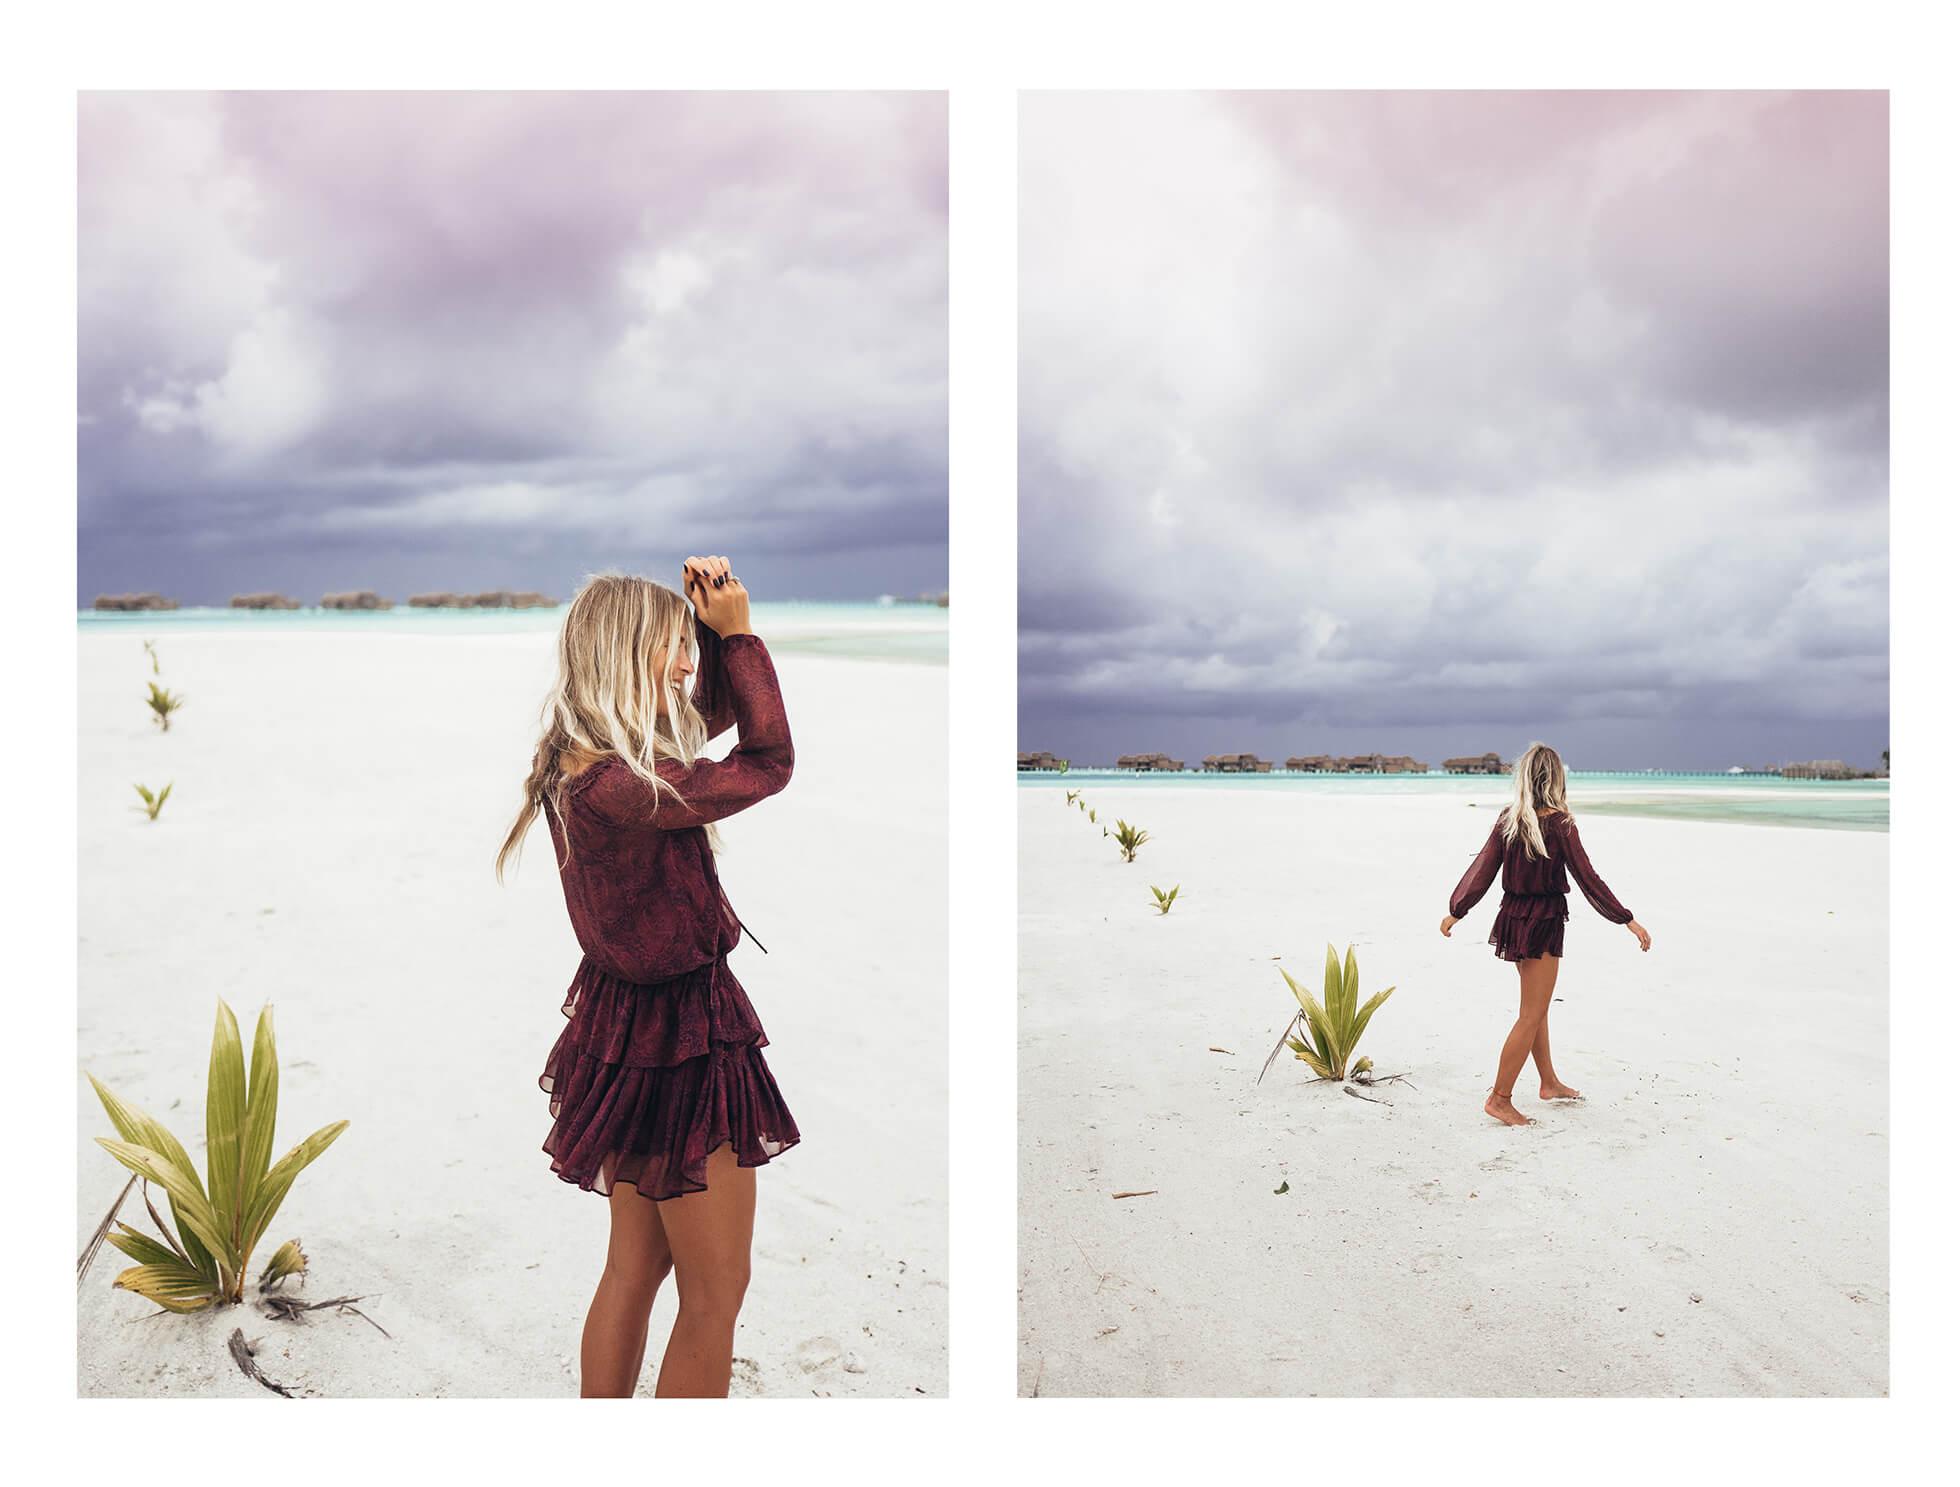 janni-deler-stormy-maldivesl1130440-copy